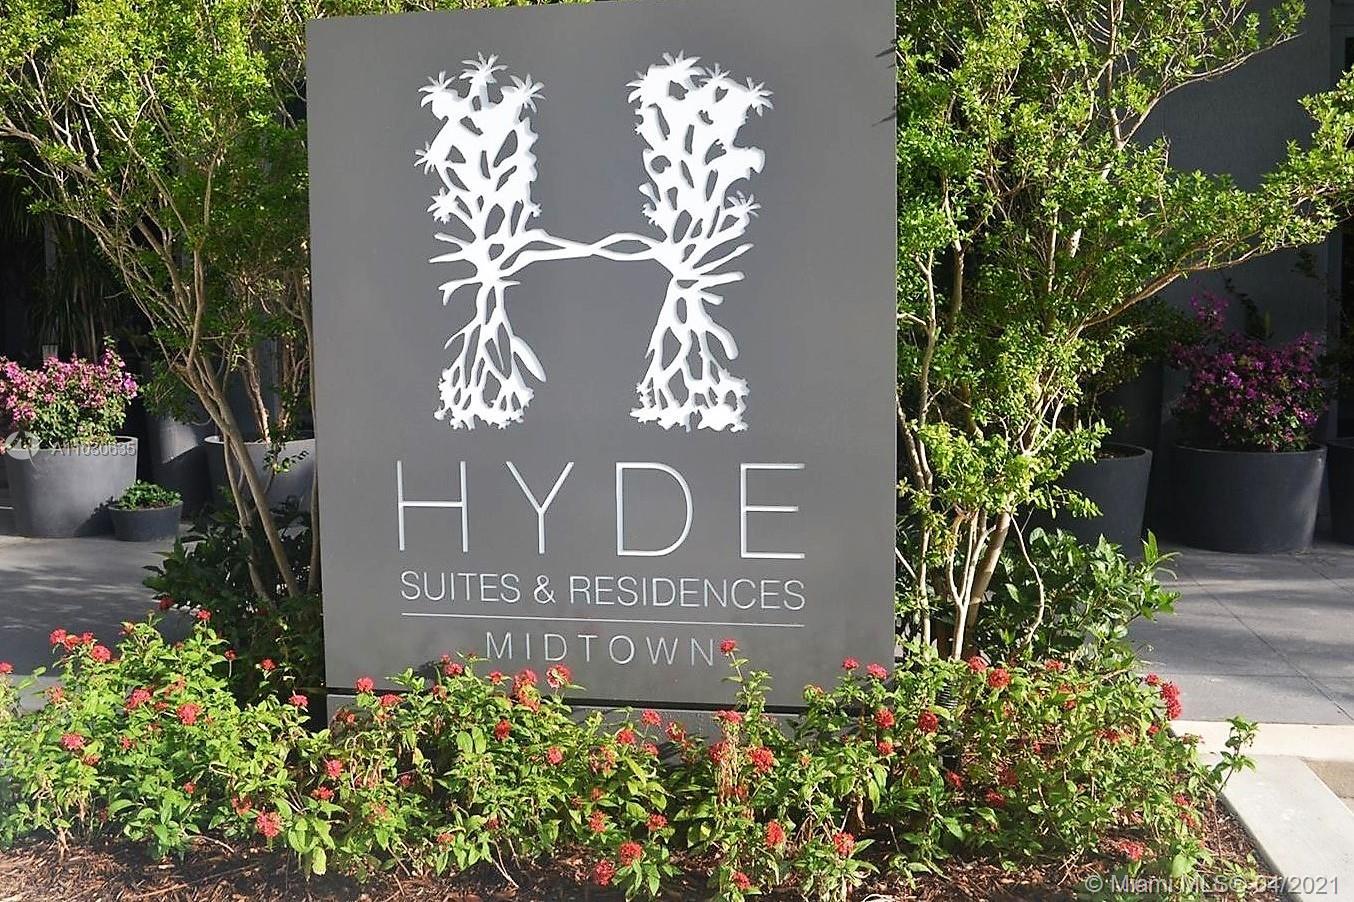 Hyde Midtown #2506 - 121 NE 34th St #2506, Miami, FL 33137